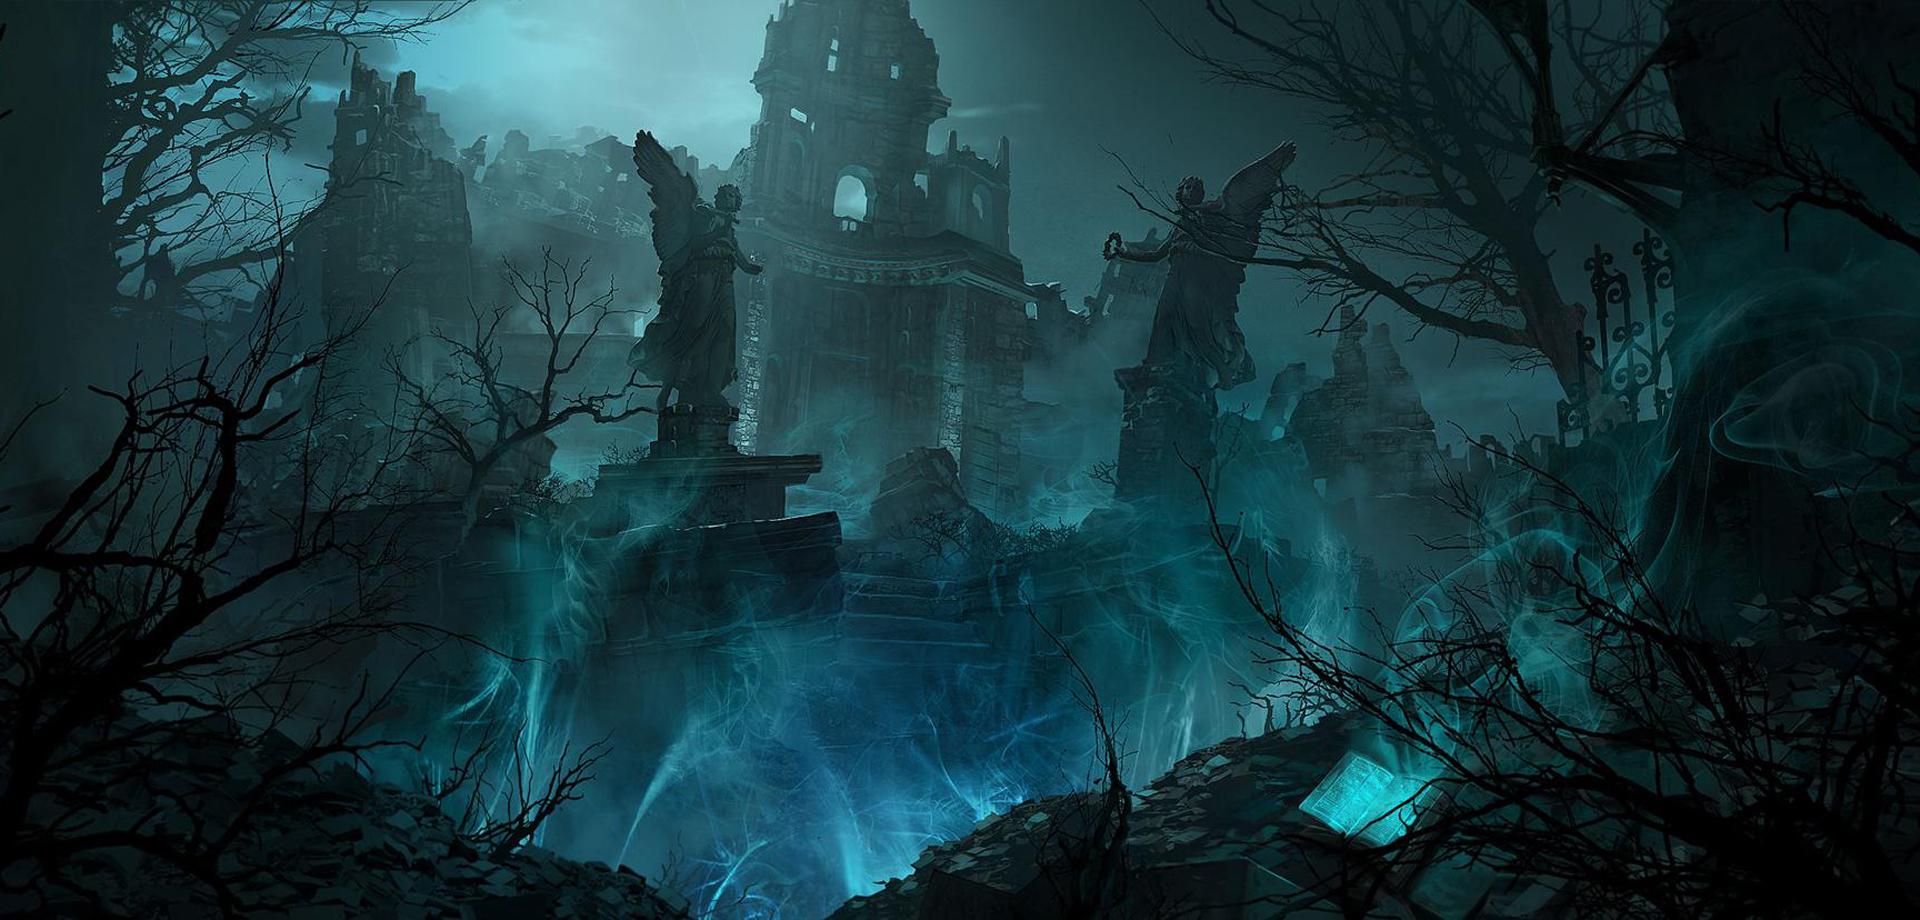 Les ïles obscures, ruines des chambres des arcanes